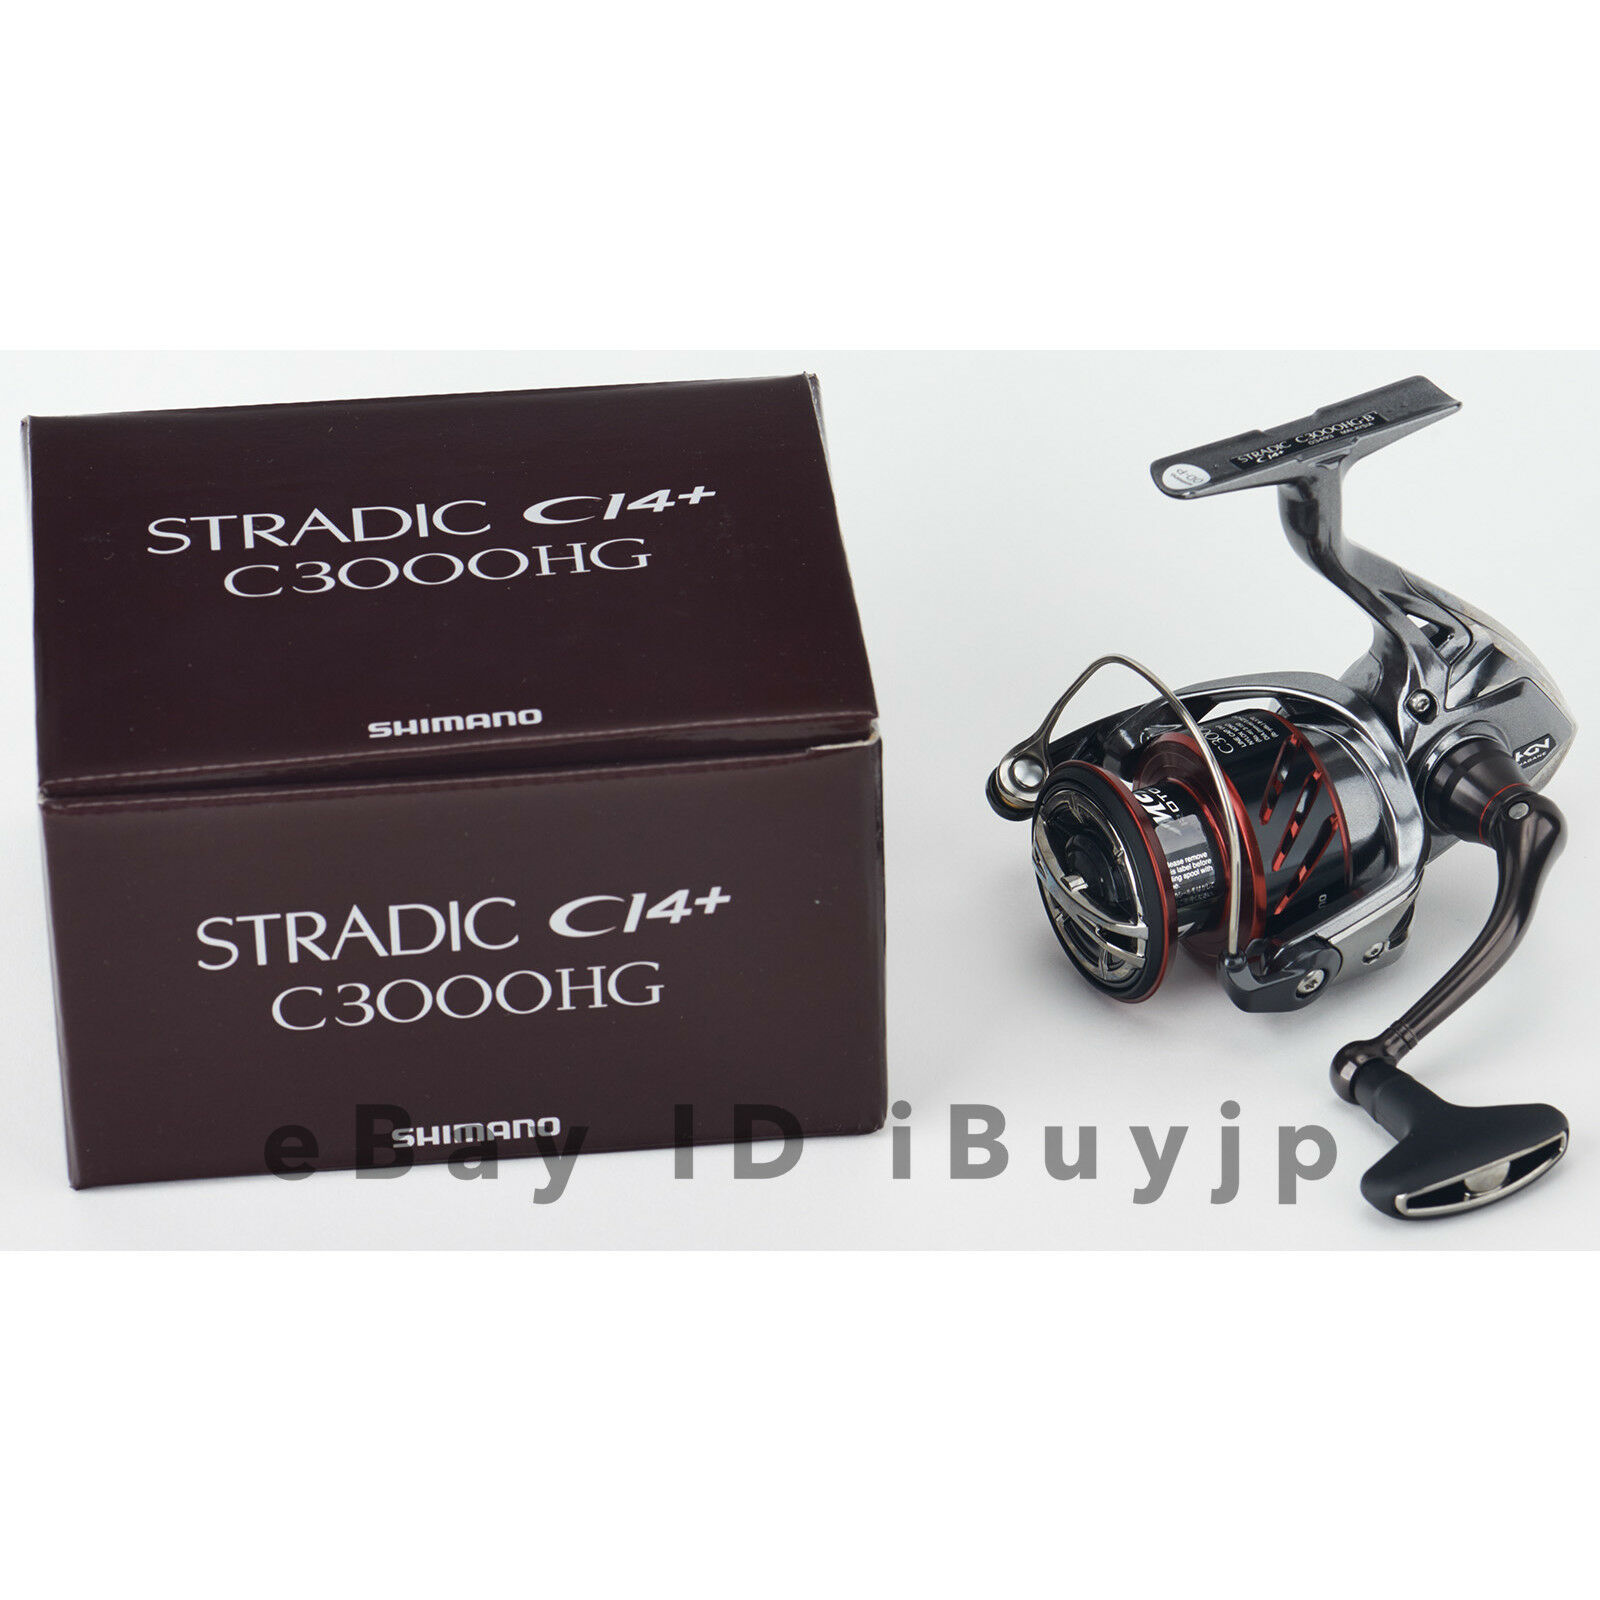 Shimano Stradic 16 Stradic Shimano CI4+ C3000HG Saltwater Spinning Reel 034939 749c25